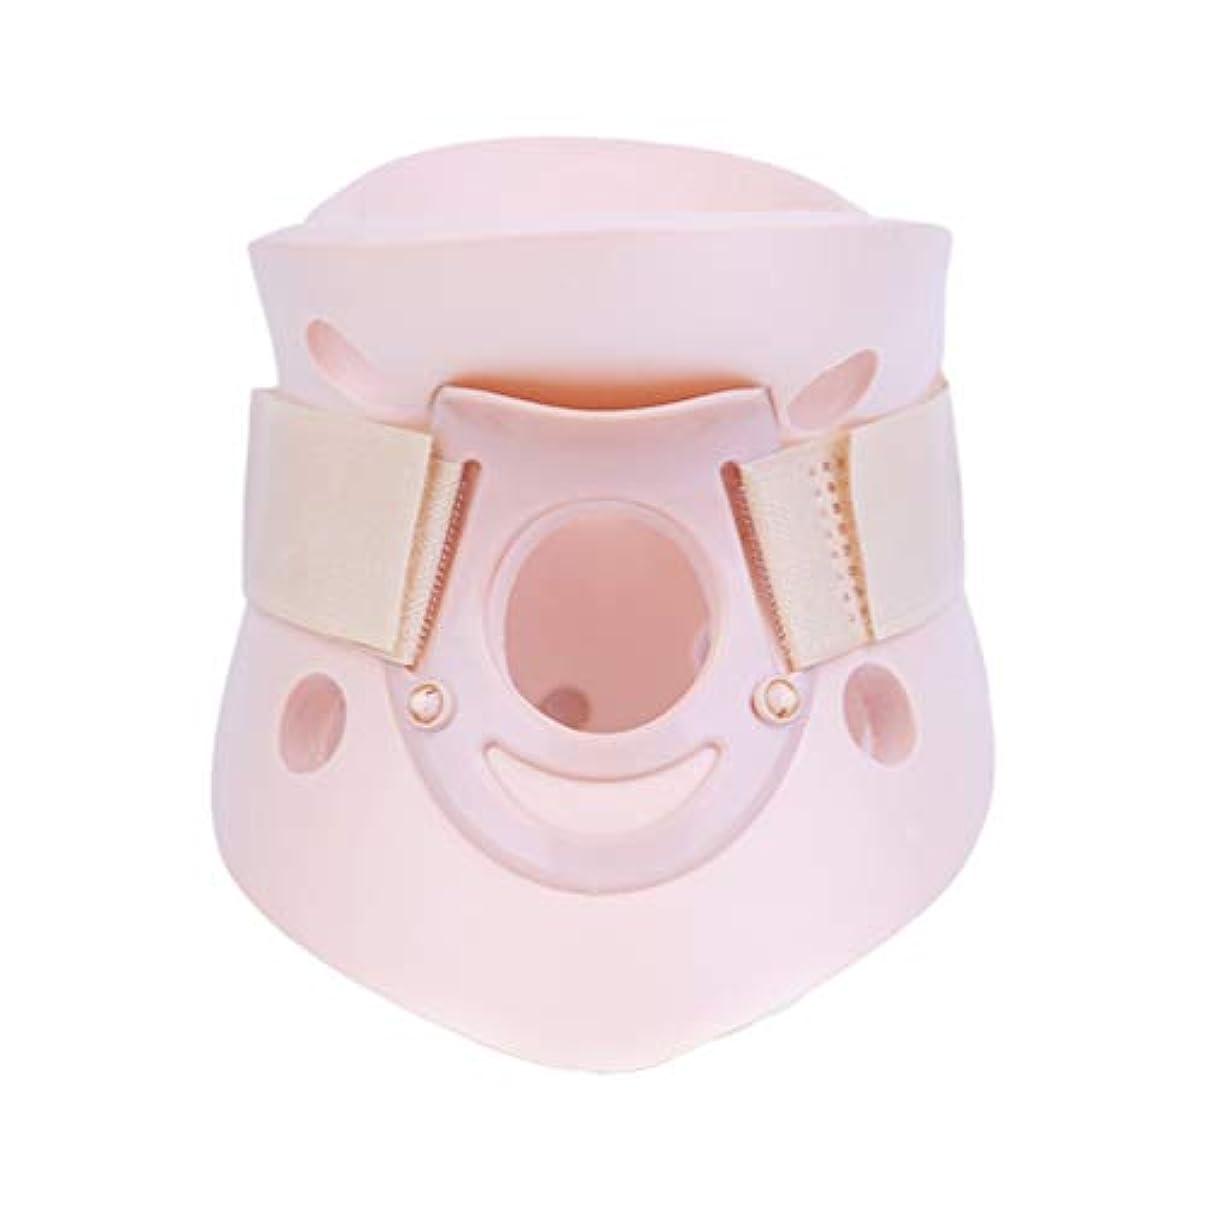 出費とティーム四半期HEALLILY 首装具サポート頸部襟硬い首の痛みの軽減脊椎の首の健康管理首の痛みの軽減-サイズm